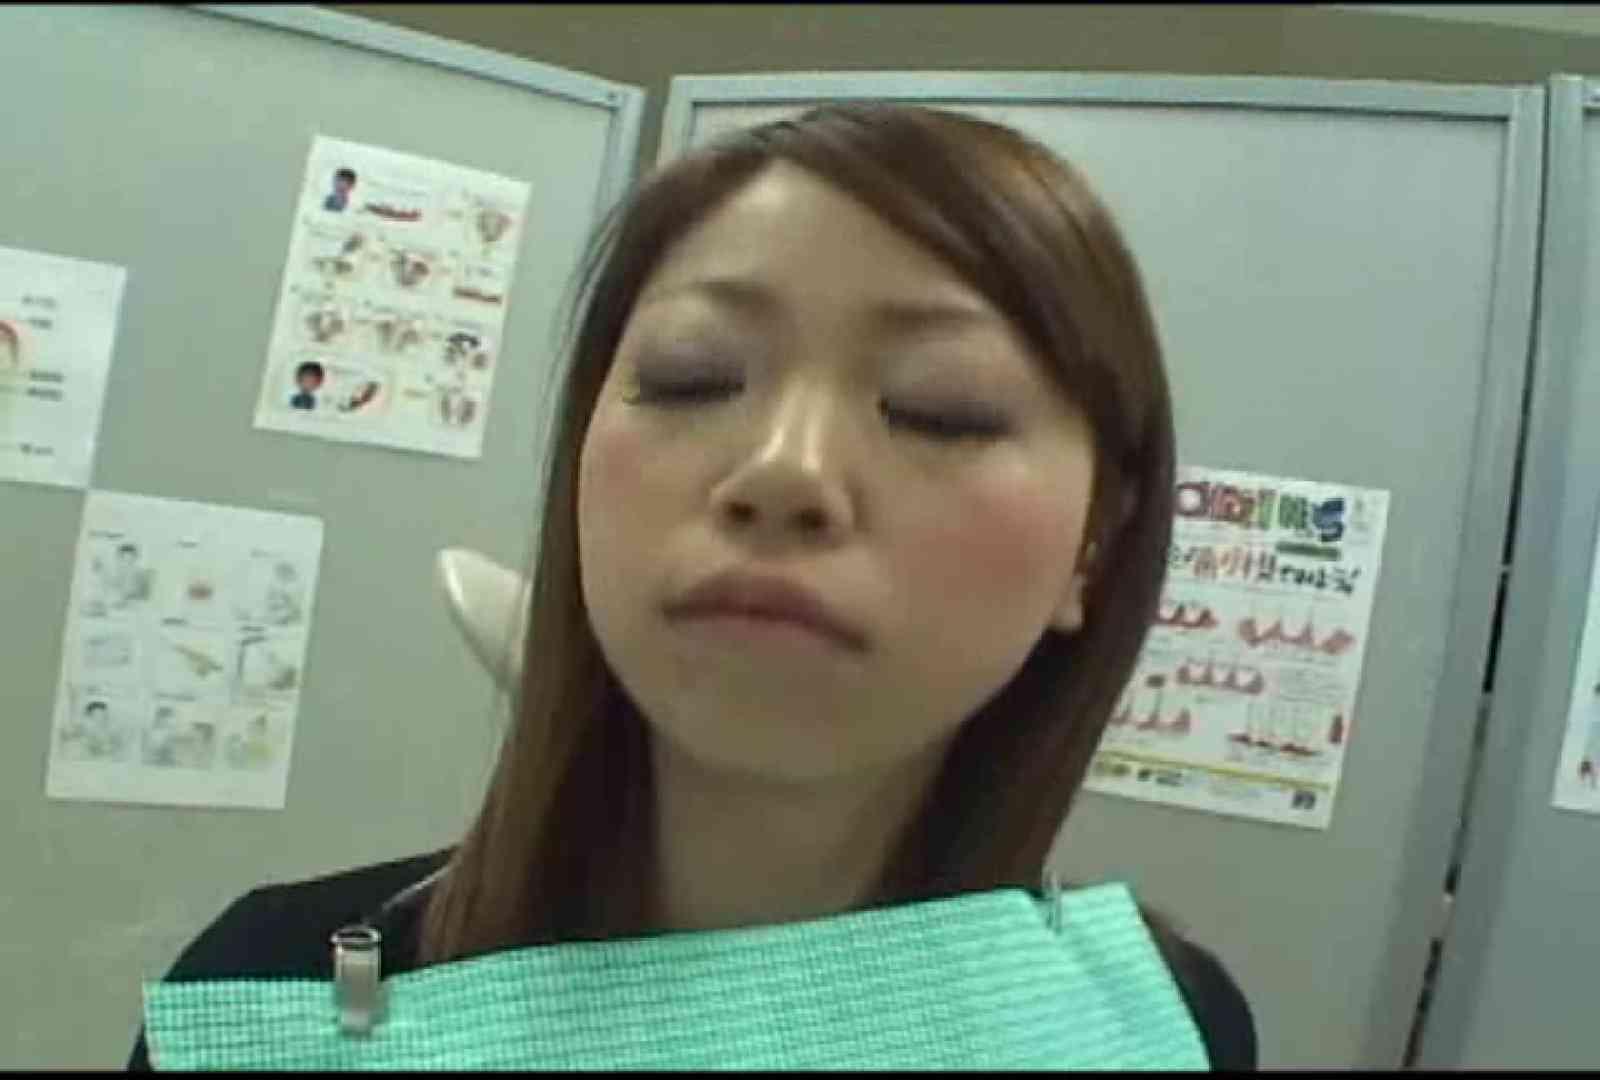 看護師が流出させた歯科医院接写パンツVol.5 パンチラ ワレメ動画紹介 99pic 4